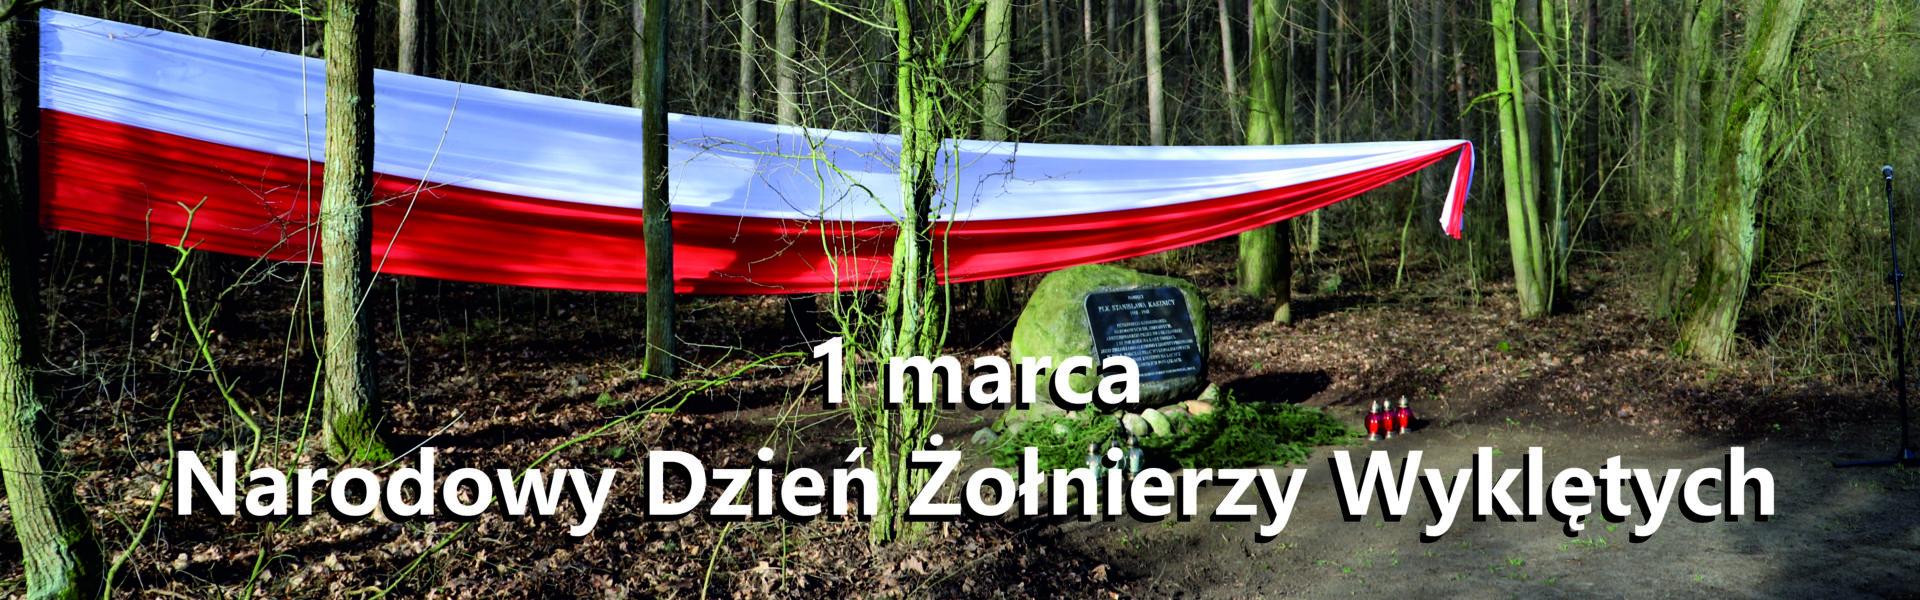 Baner informujący o Narodowym Dniu Żołnierzy Wyklętych pierwszego marca. Flaga Polski rozwieszona między drzewami. Fragment lasu i kilka drzew przed flagą. W centrum kamień pamiątkowy i znicze.